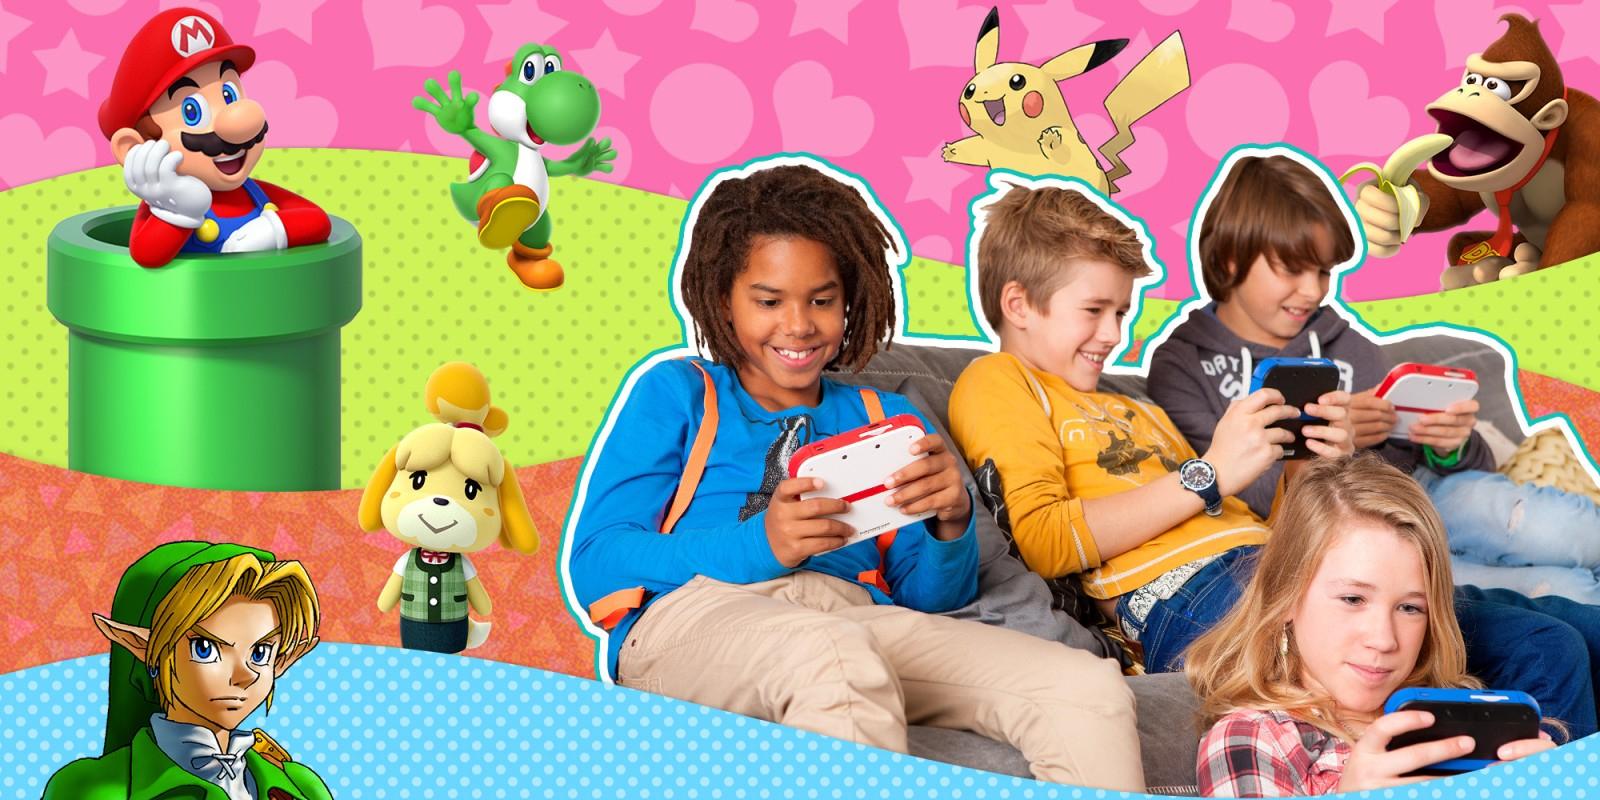 Jeux Nintendo Pour Les Enfants | Nintendo à Jeux Enfant 4 Ans Gratuit